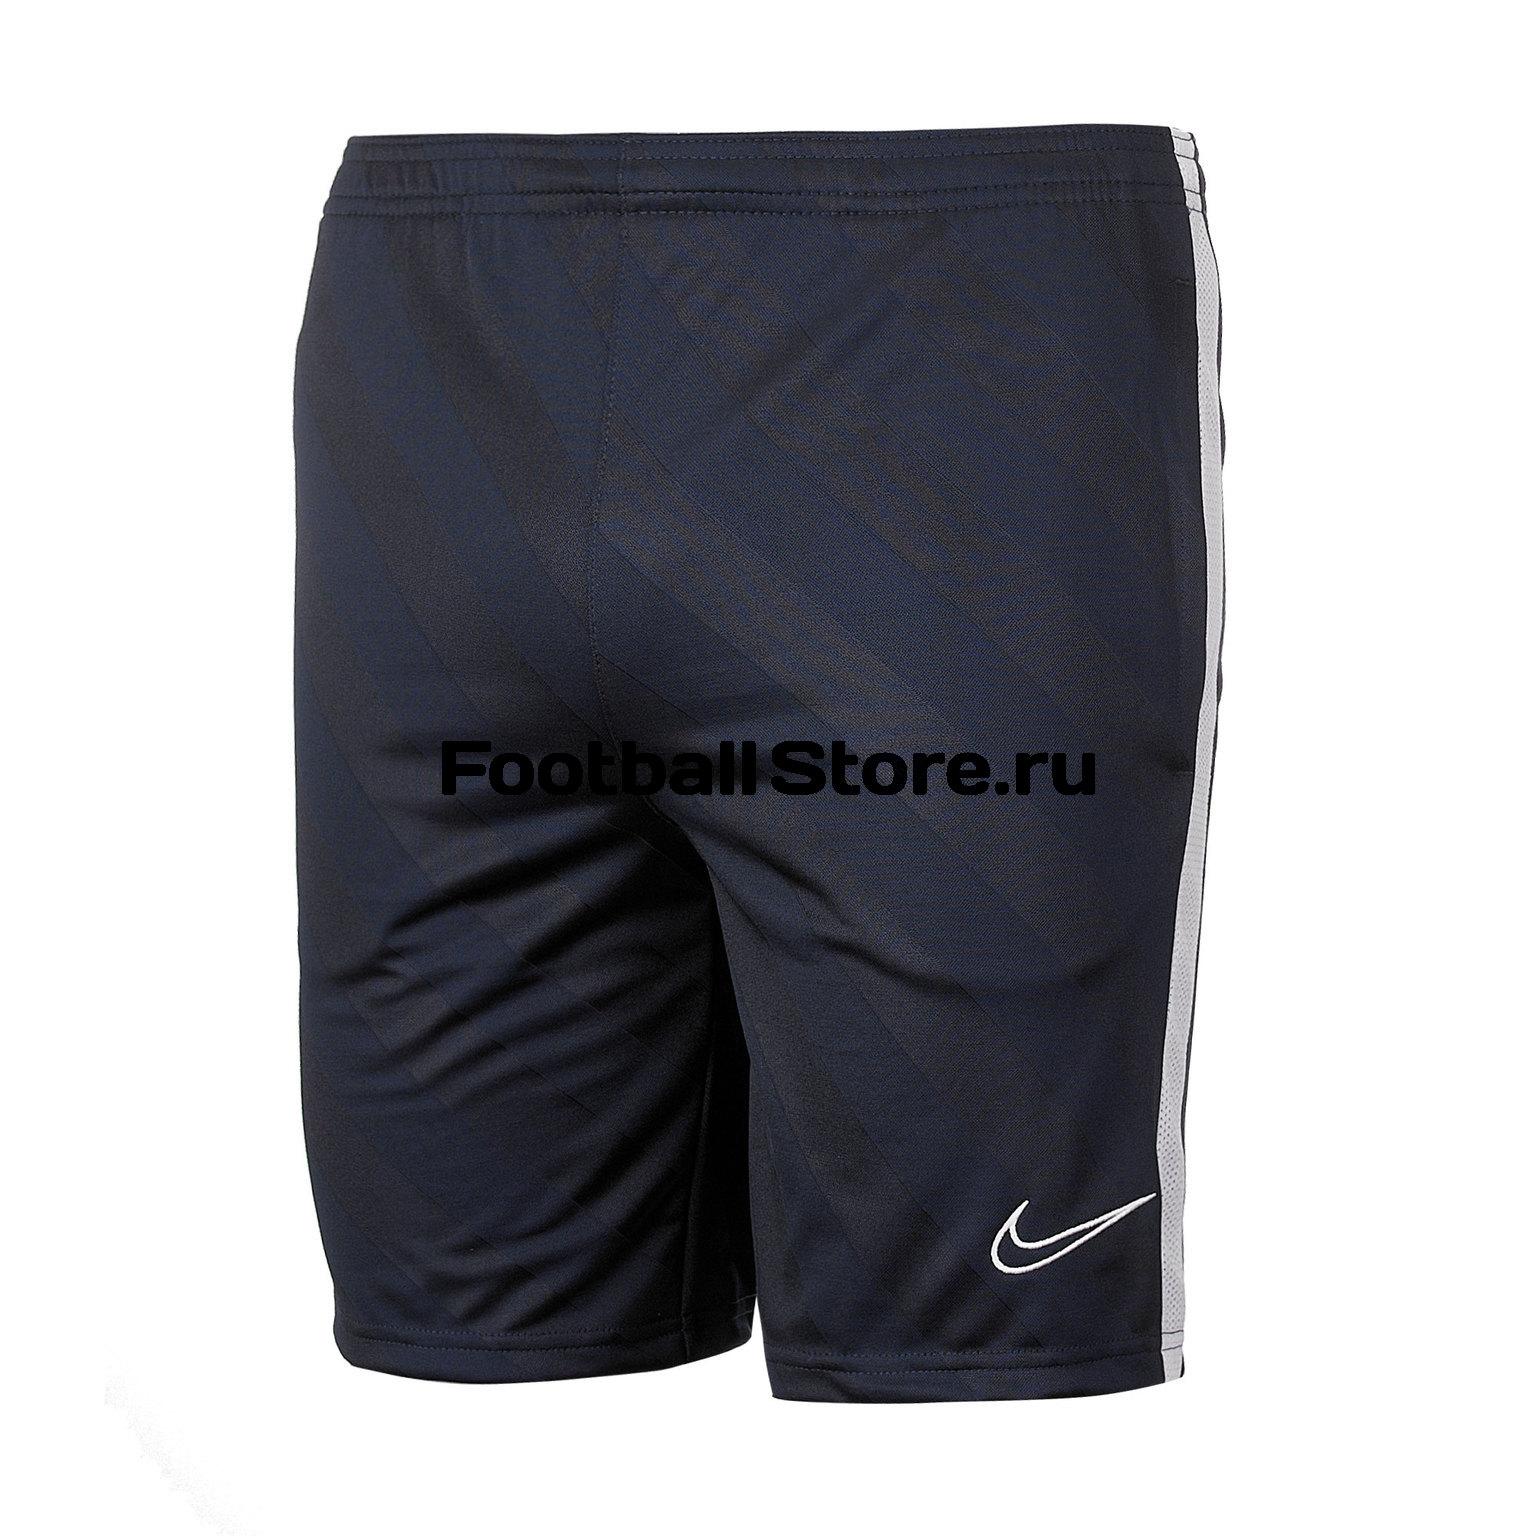 Шорты подростковые Nike Breathe Academy19 Short BQ5812-451 брюки тренировочные подростковые nike squad 832390 451